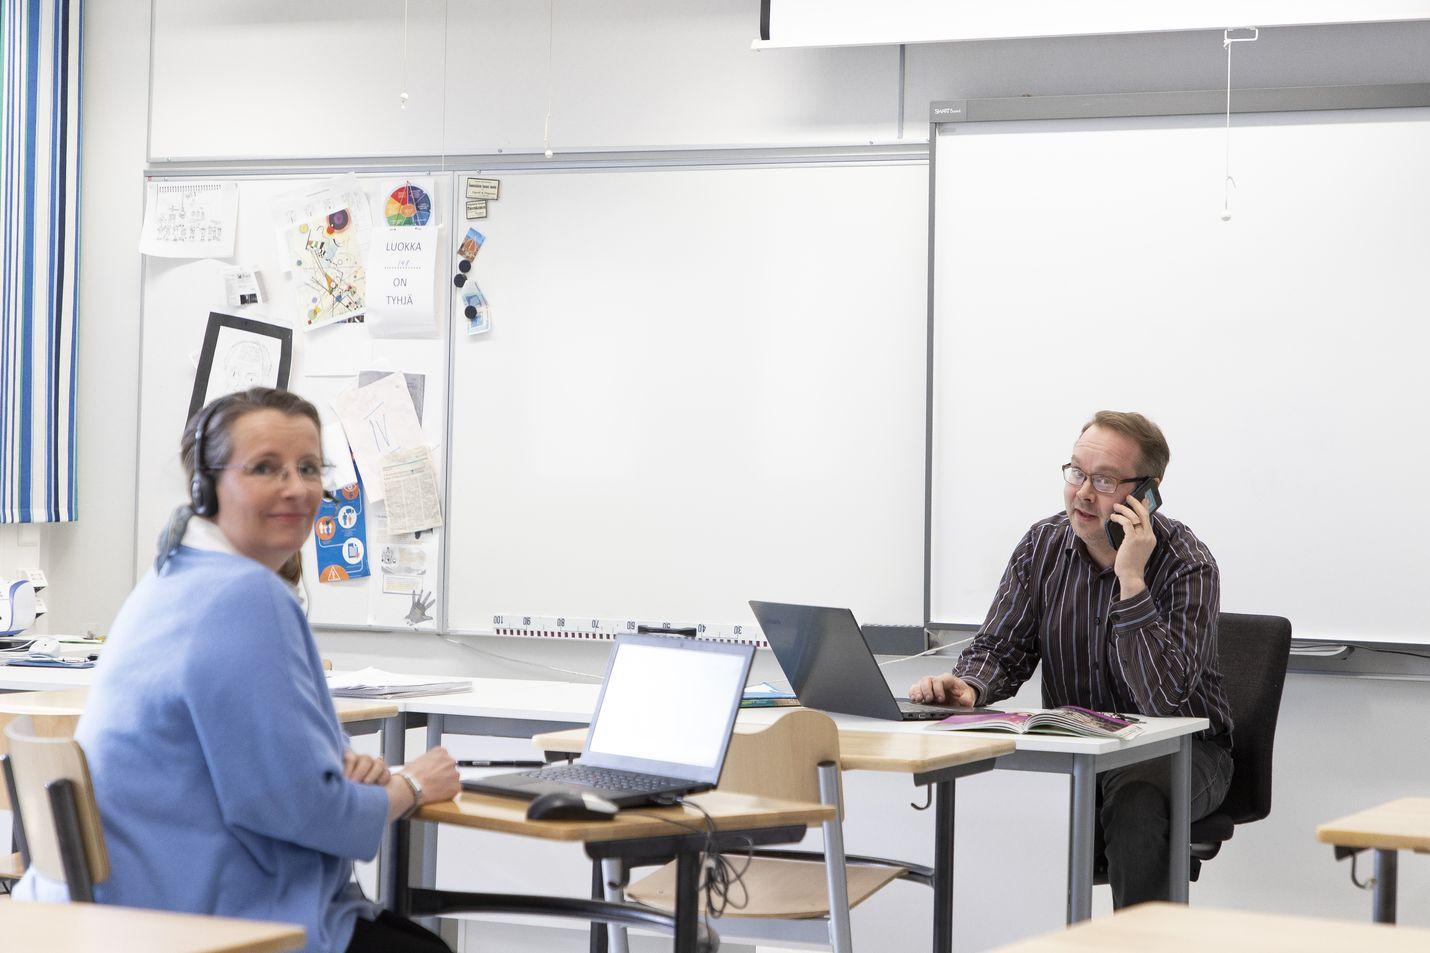 Vuoniityn peruskoulun opinto-ohjaajan Anu Japissonin (vas.) ja opettajan Jesse Jarvan tehtävänä on yrittää tavoittaa oppilaita, jotka eivät syystä tai toisesta pääse mukaan etäopetukseen normaalia kautta.